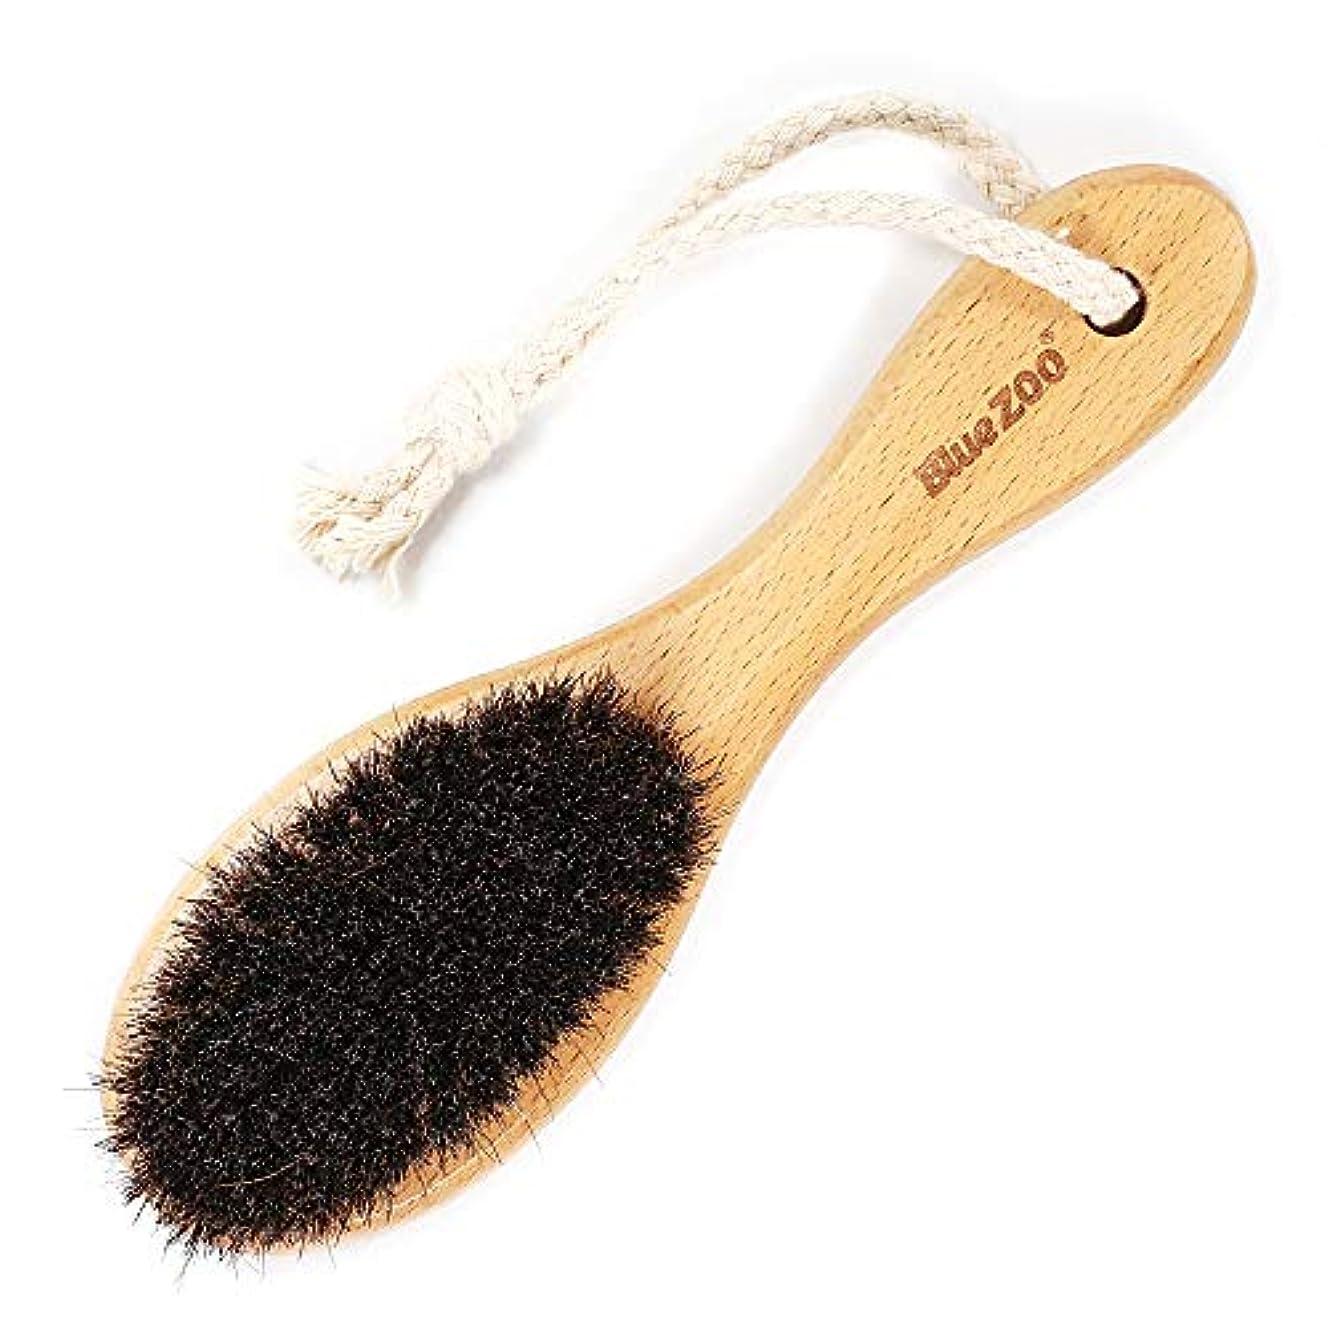 窒息させる狂信者告白Decdeal ひげブラシ 多機能 馬毛 ヘアブラシ/バスブラシ木製ハンドルボディマッサージブラシ 理容 洗顔 髭剃り